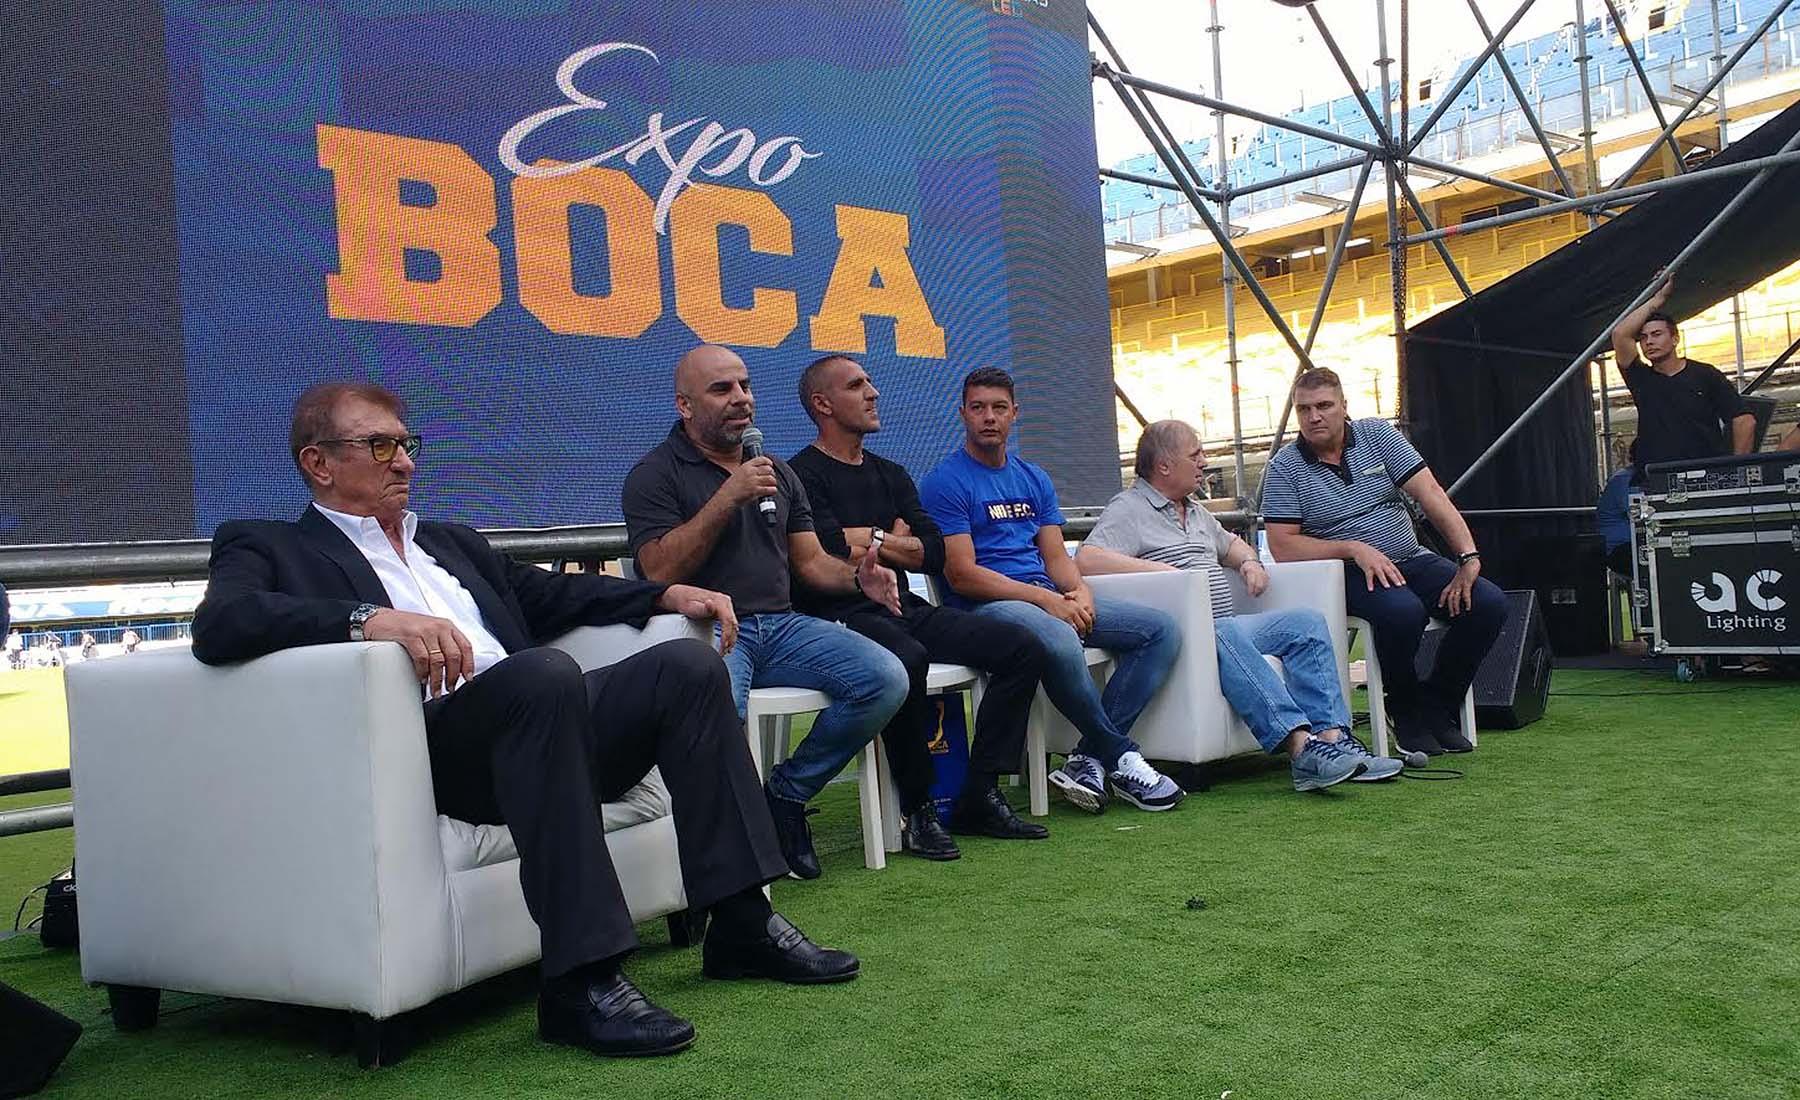 Expo Boca